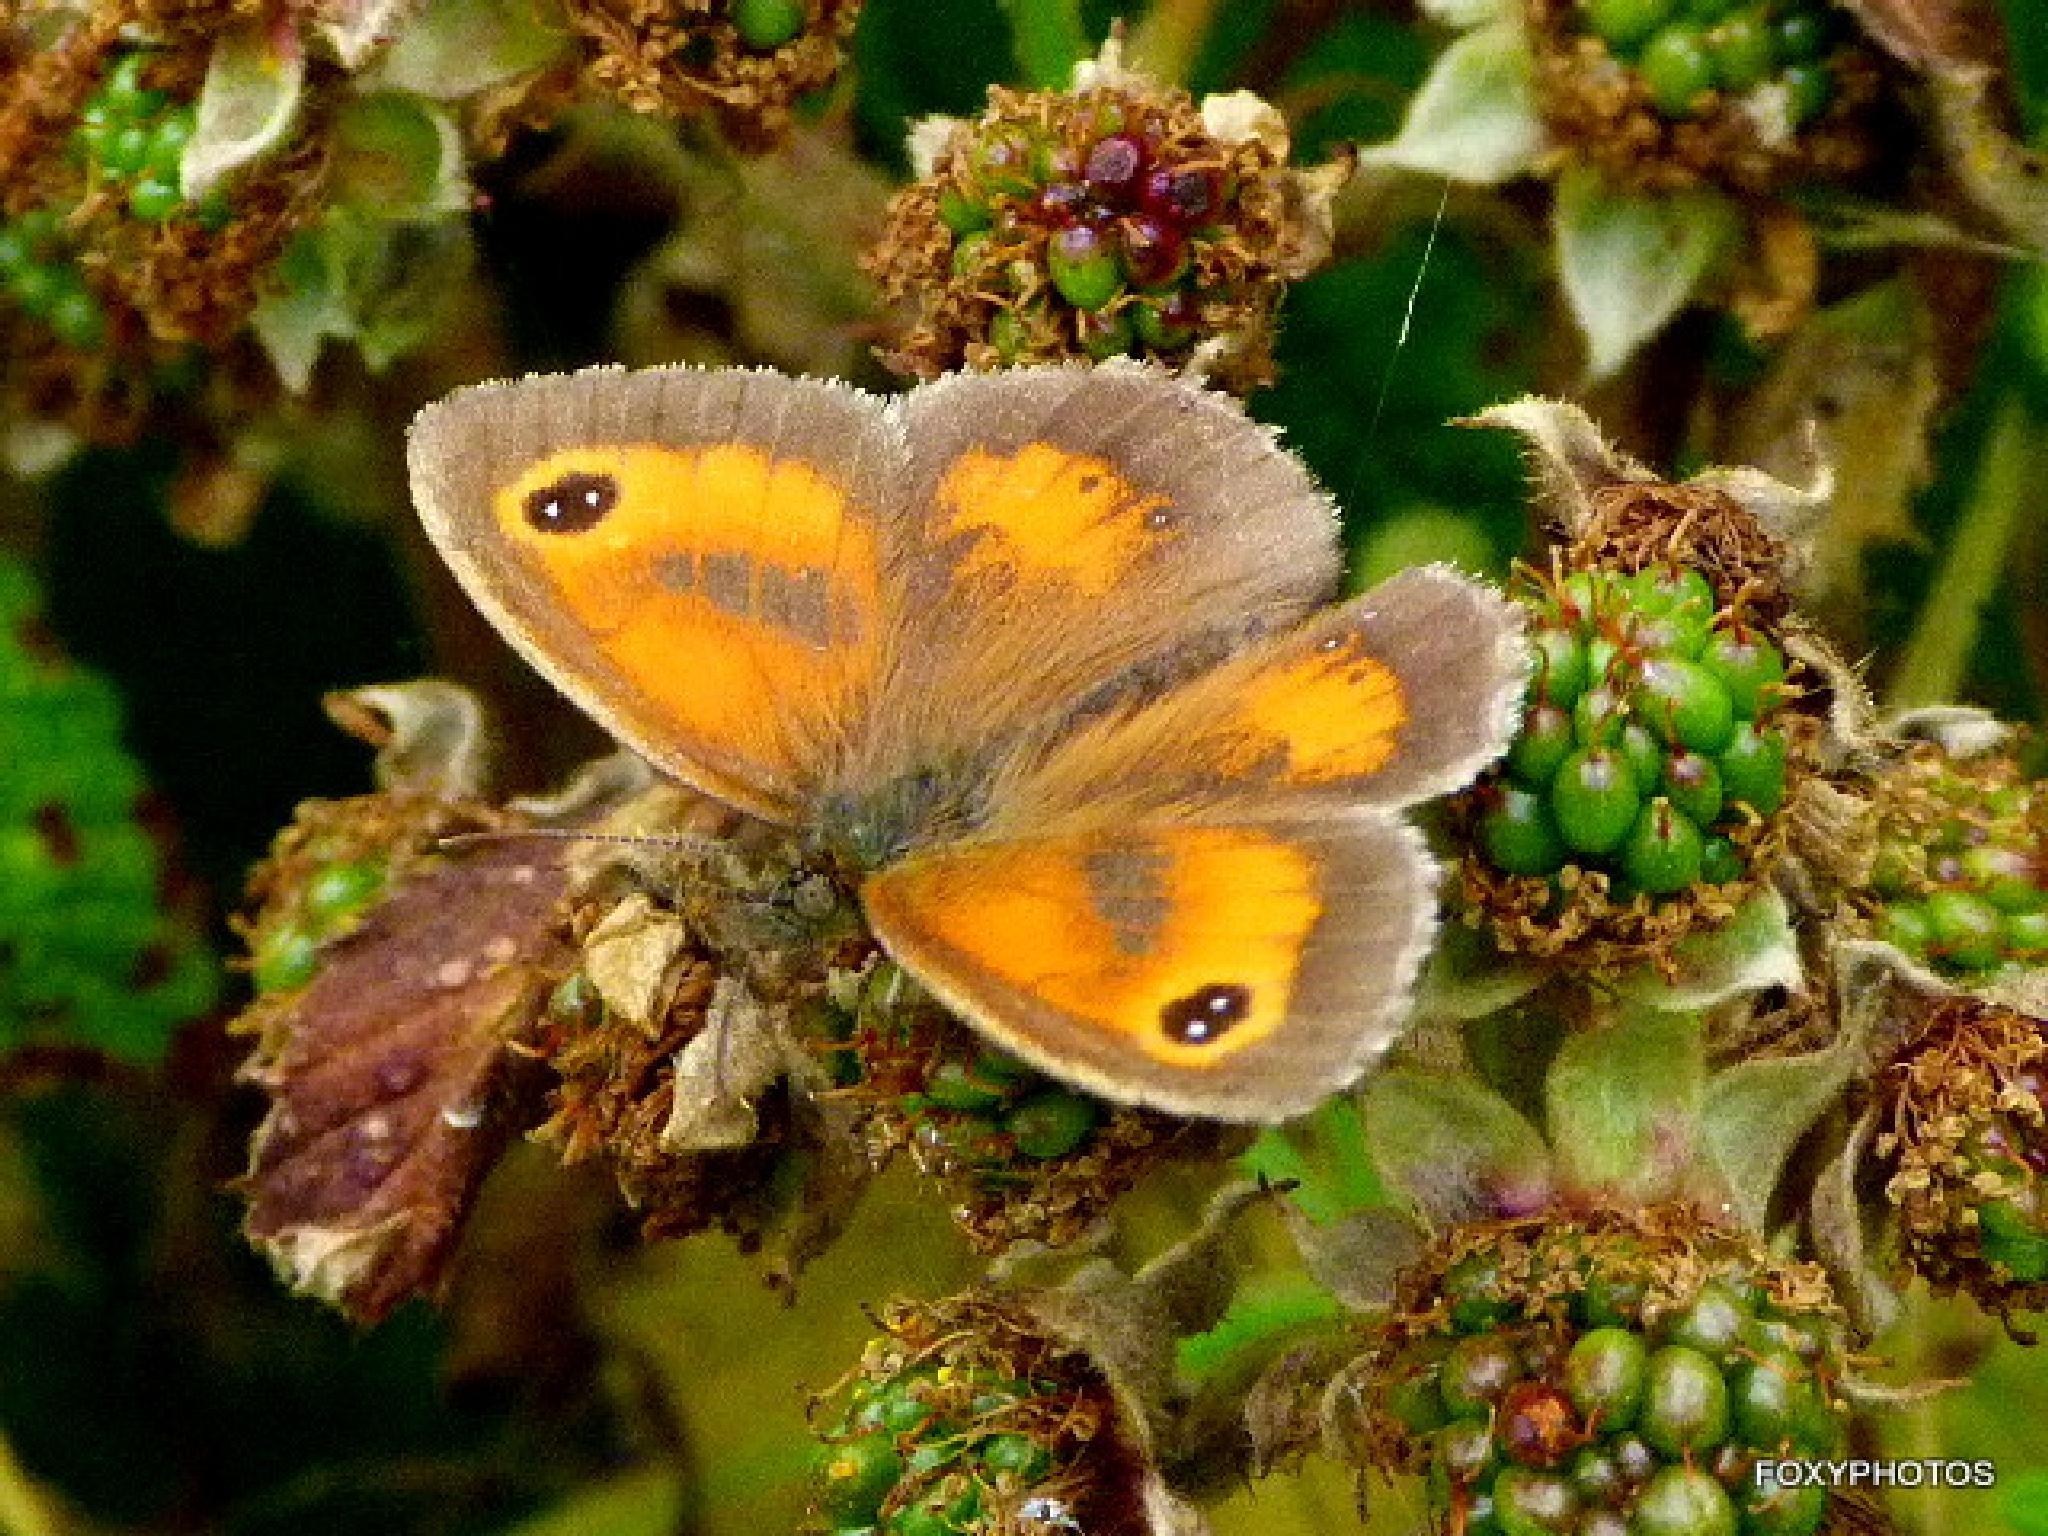 Gate keeper butterfly by David.s.fox.9